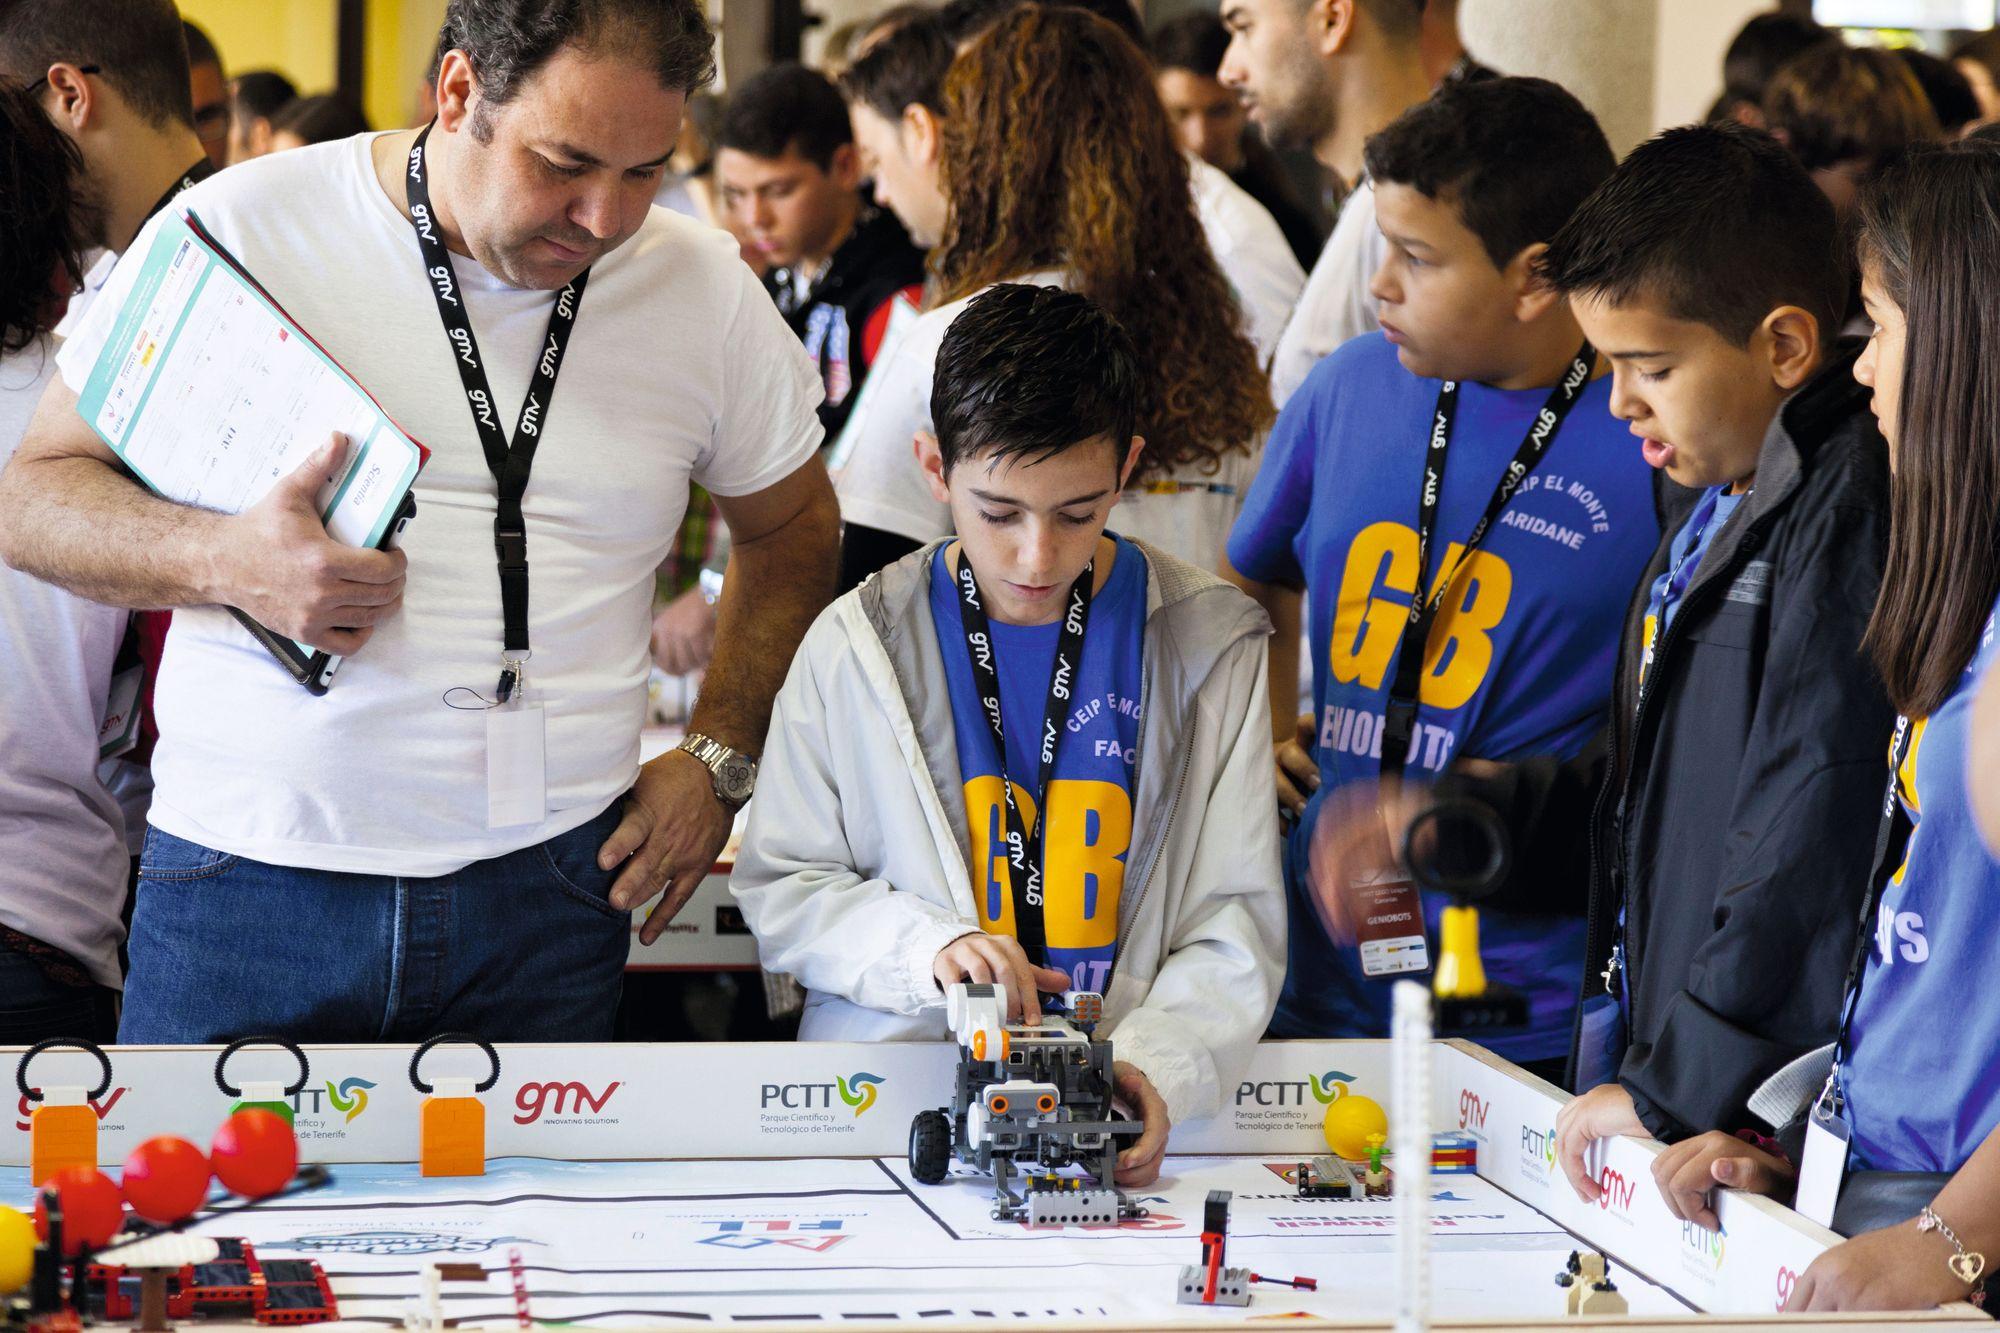 Niños compitiendo en un concurso de robótica, Tenerife, Islas Canarias, España, 23/02/2013.